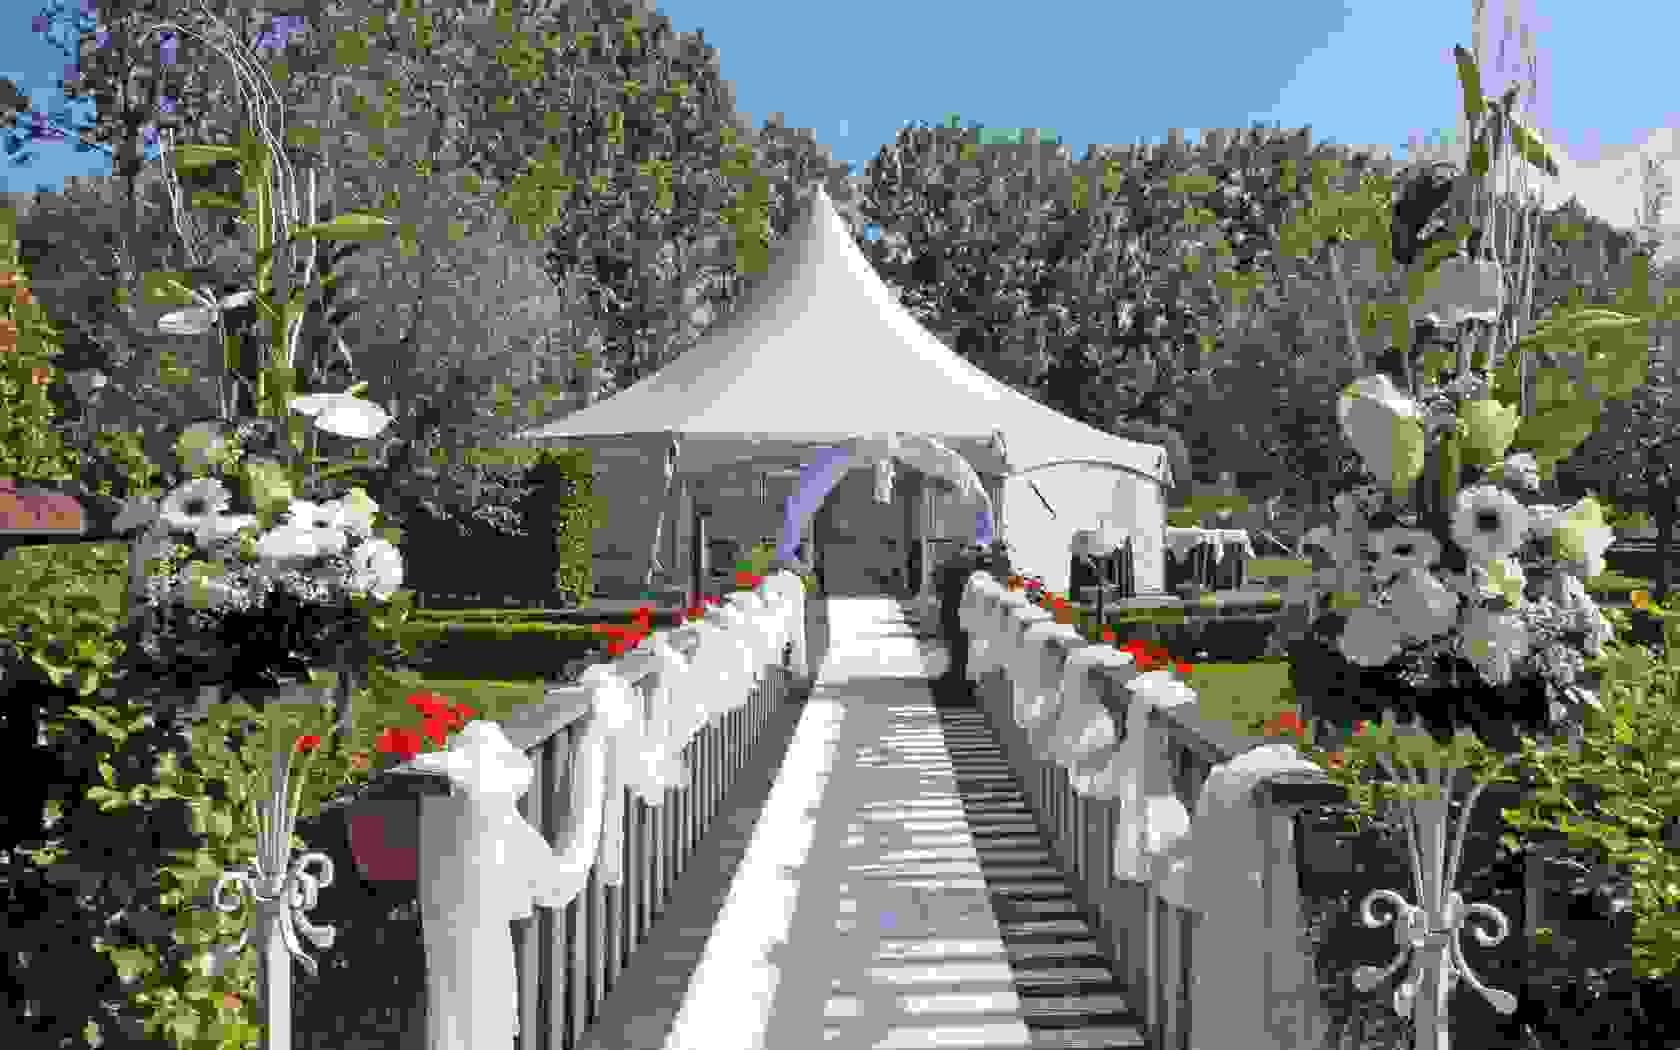 congres Sint-Truiden - Een unieke locatie voor een congres in de buurt van Sint-Truiden - De Waterhoek